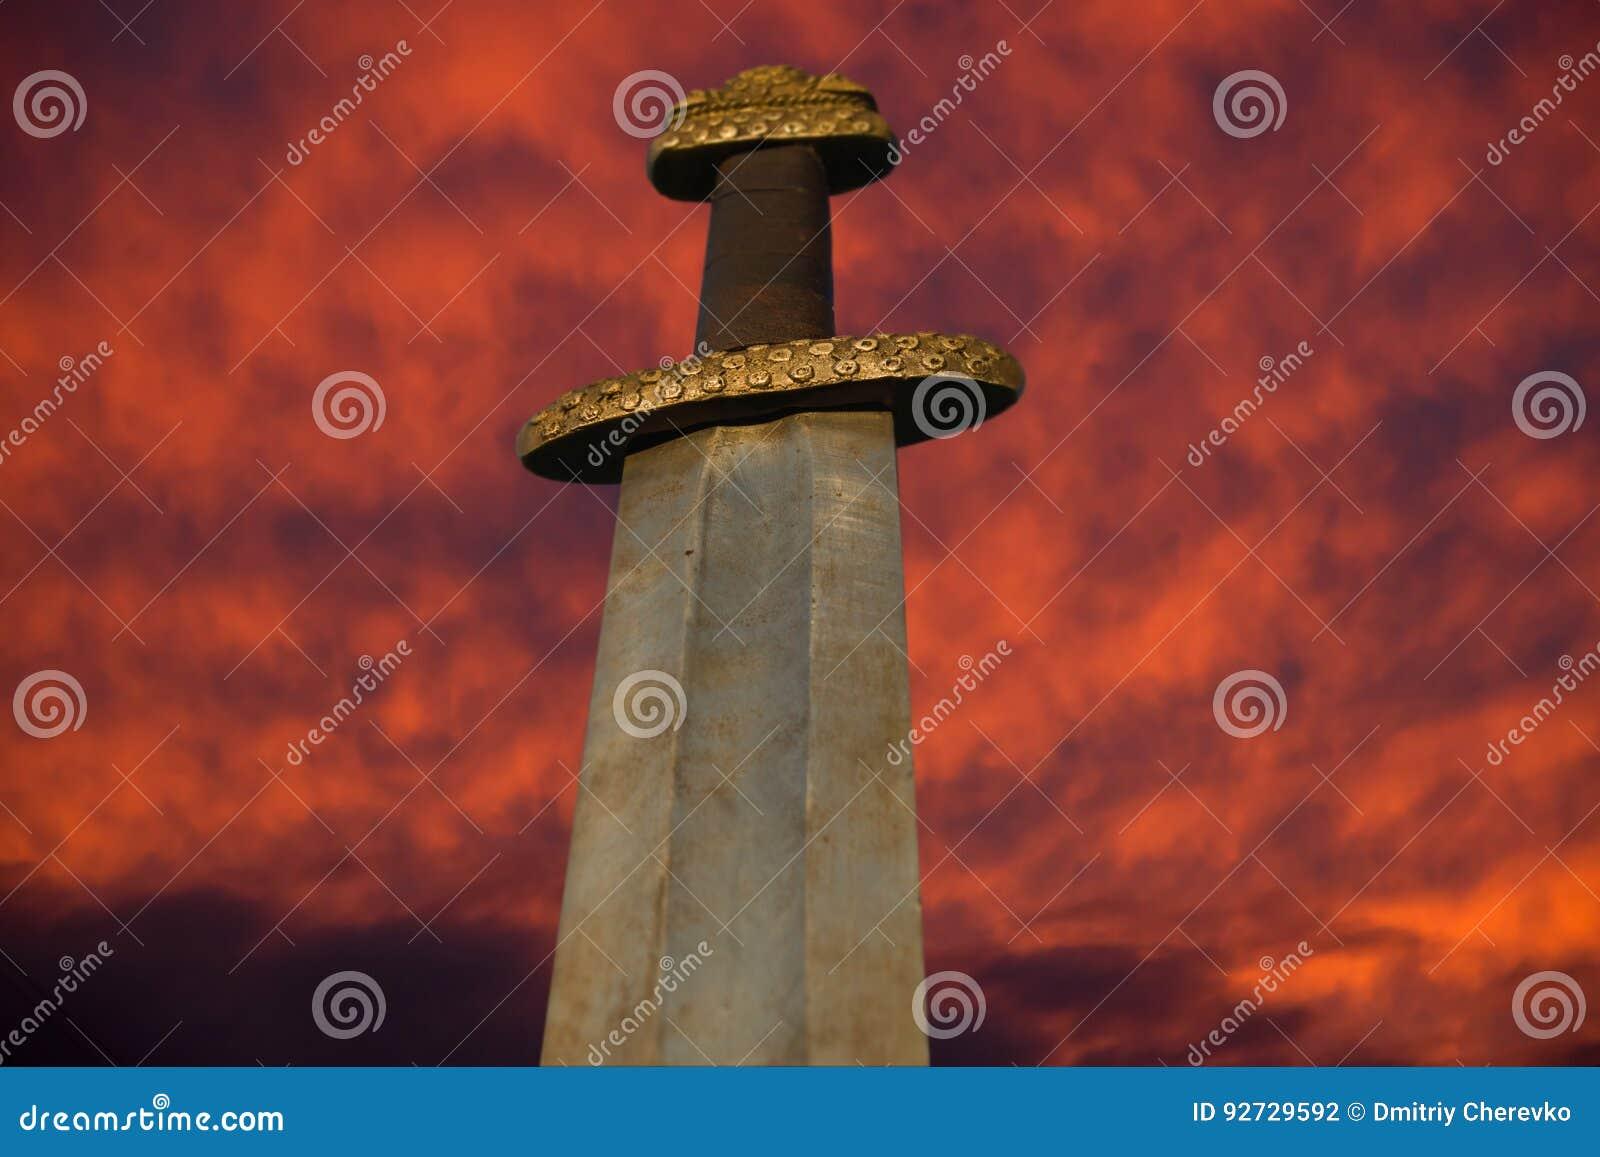 Spada medievale di vichingo contro un cielo drammatico